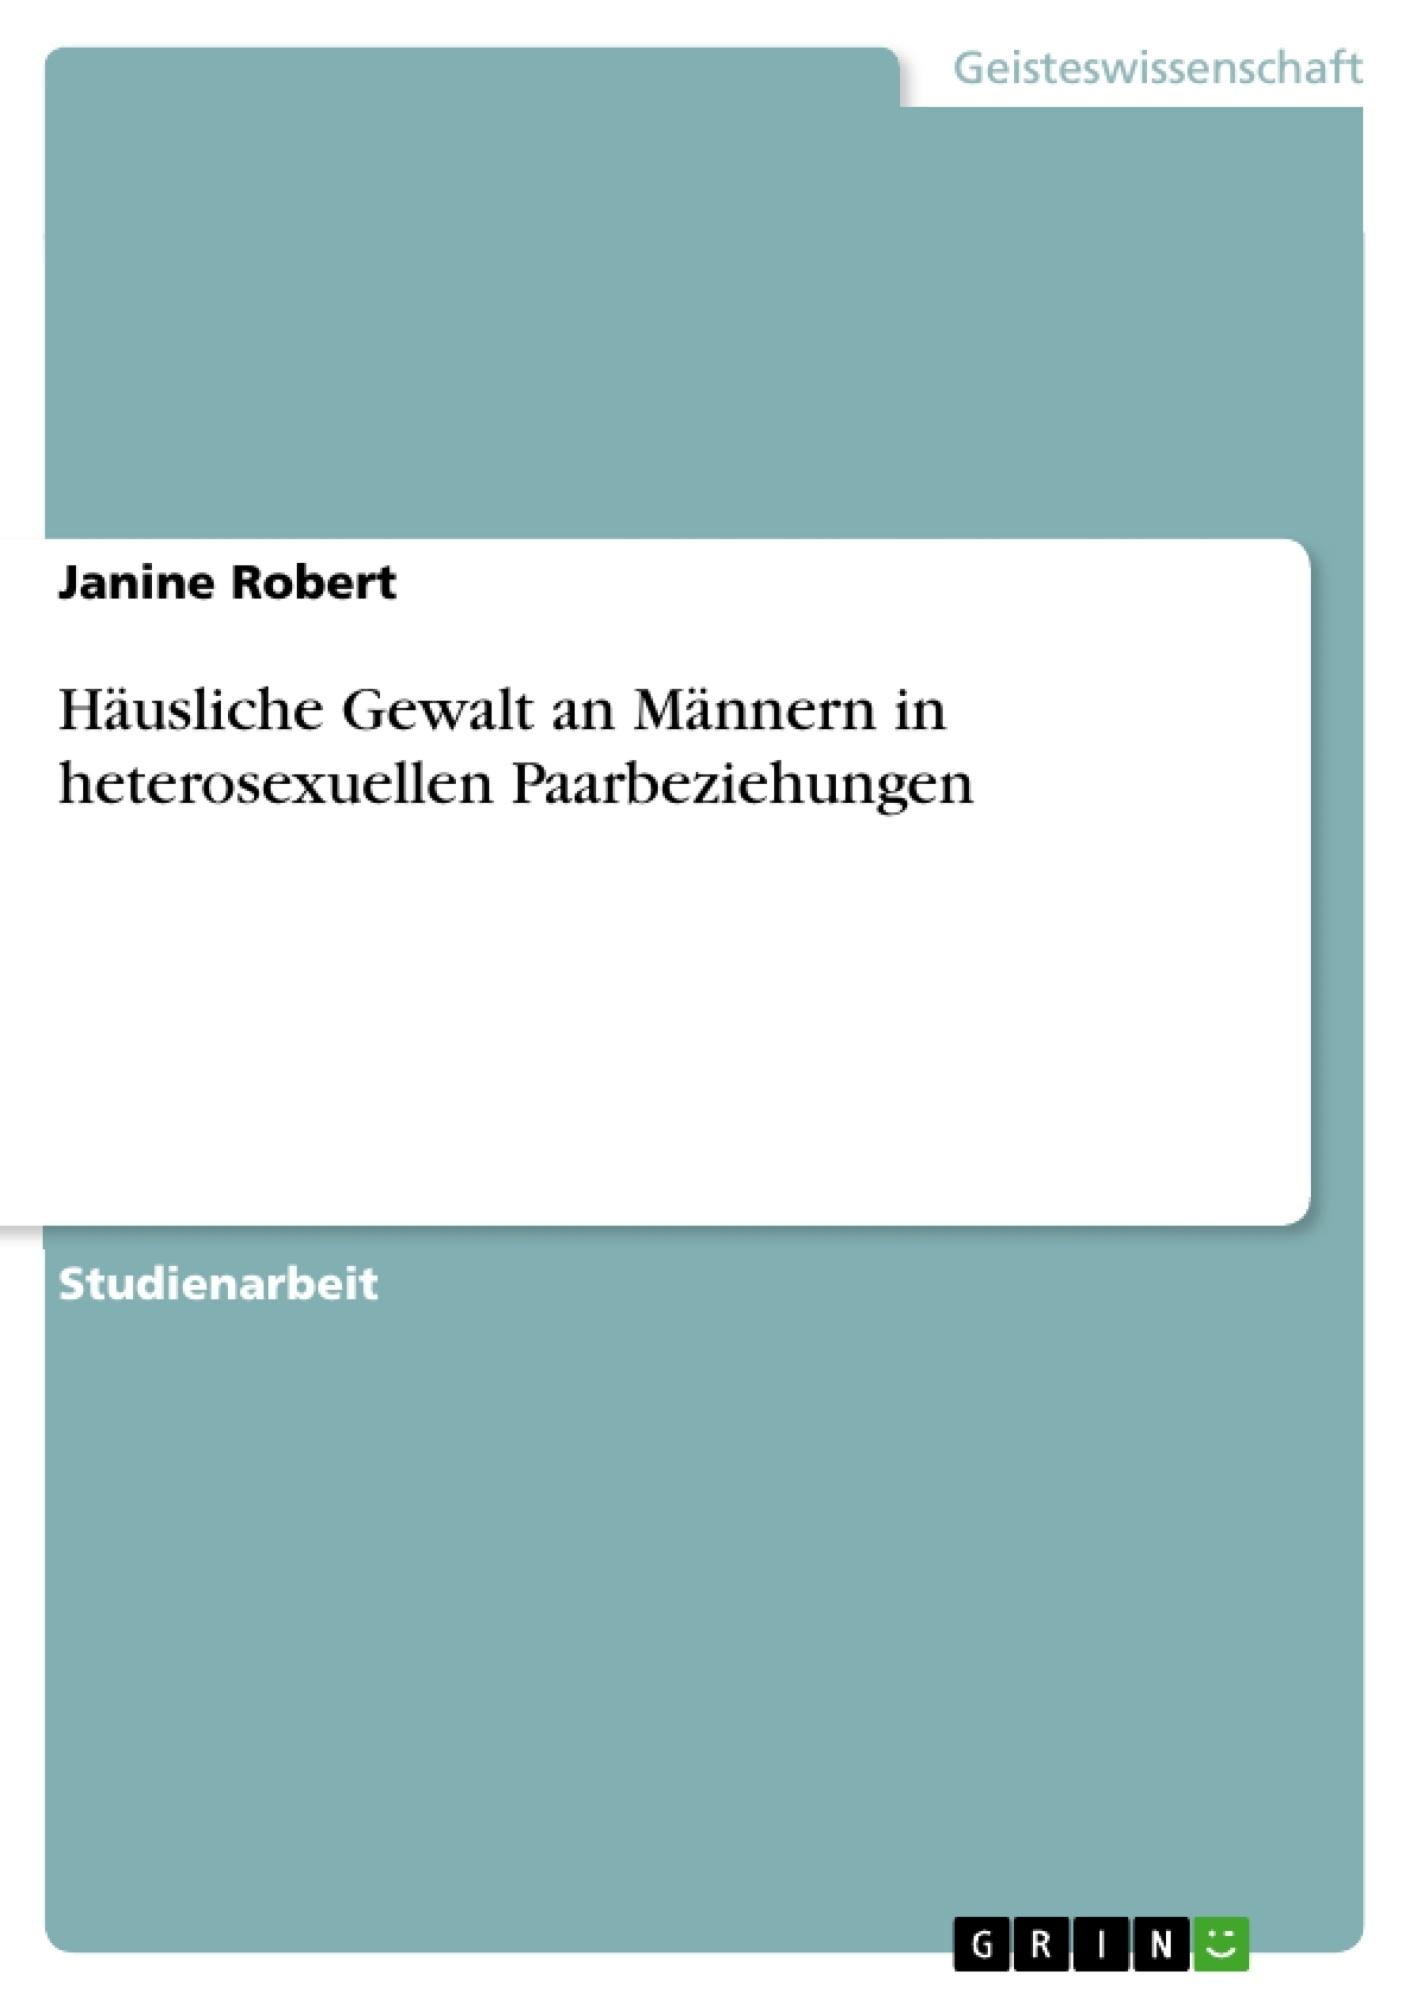 Titel: Häusliche Gewalt an Männern in heterosexuellen Paarbeziehungen